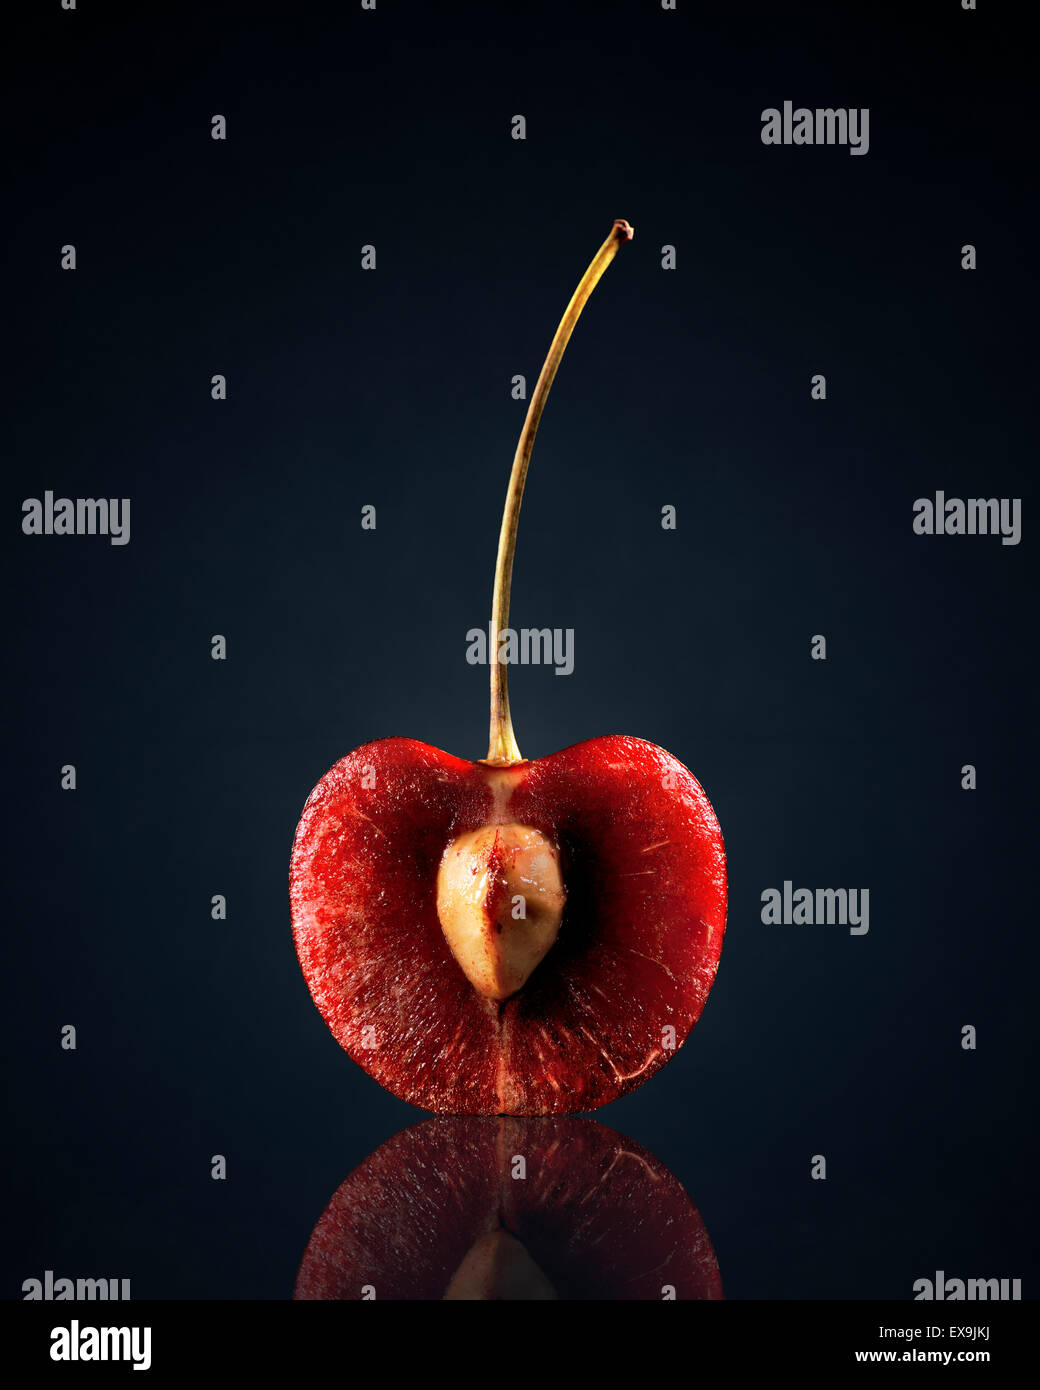 Red Cherry (halbiert) mit Reflektion auf dunklem Hintergrund Stockbild